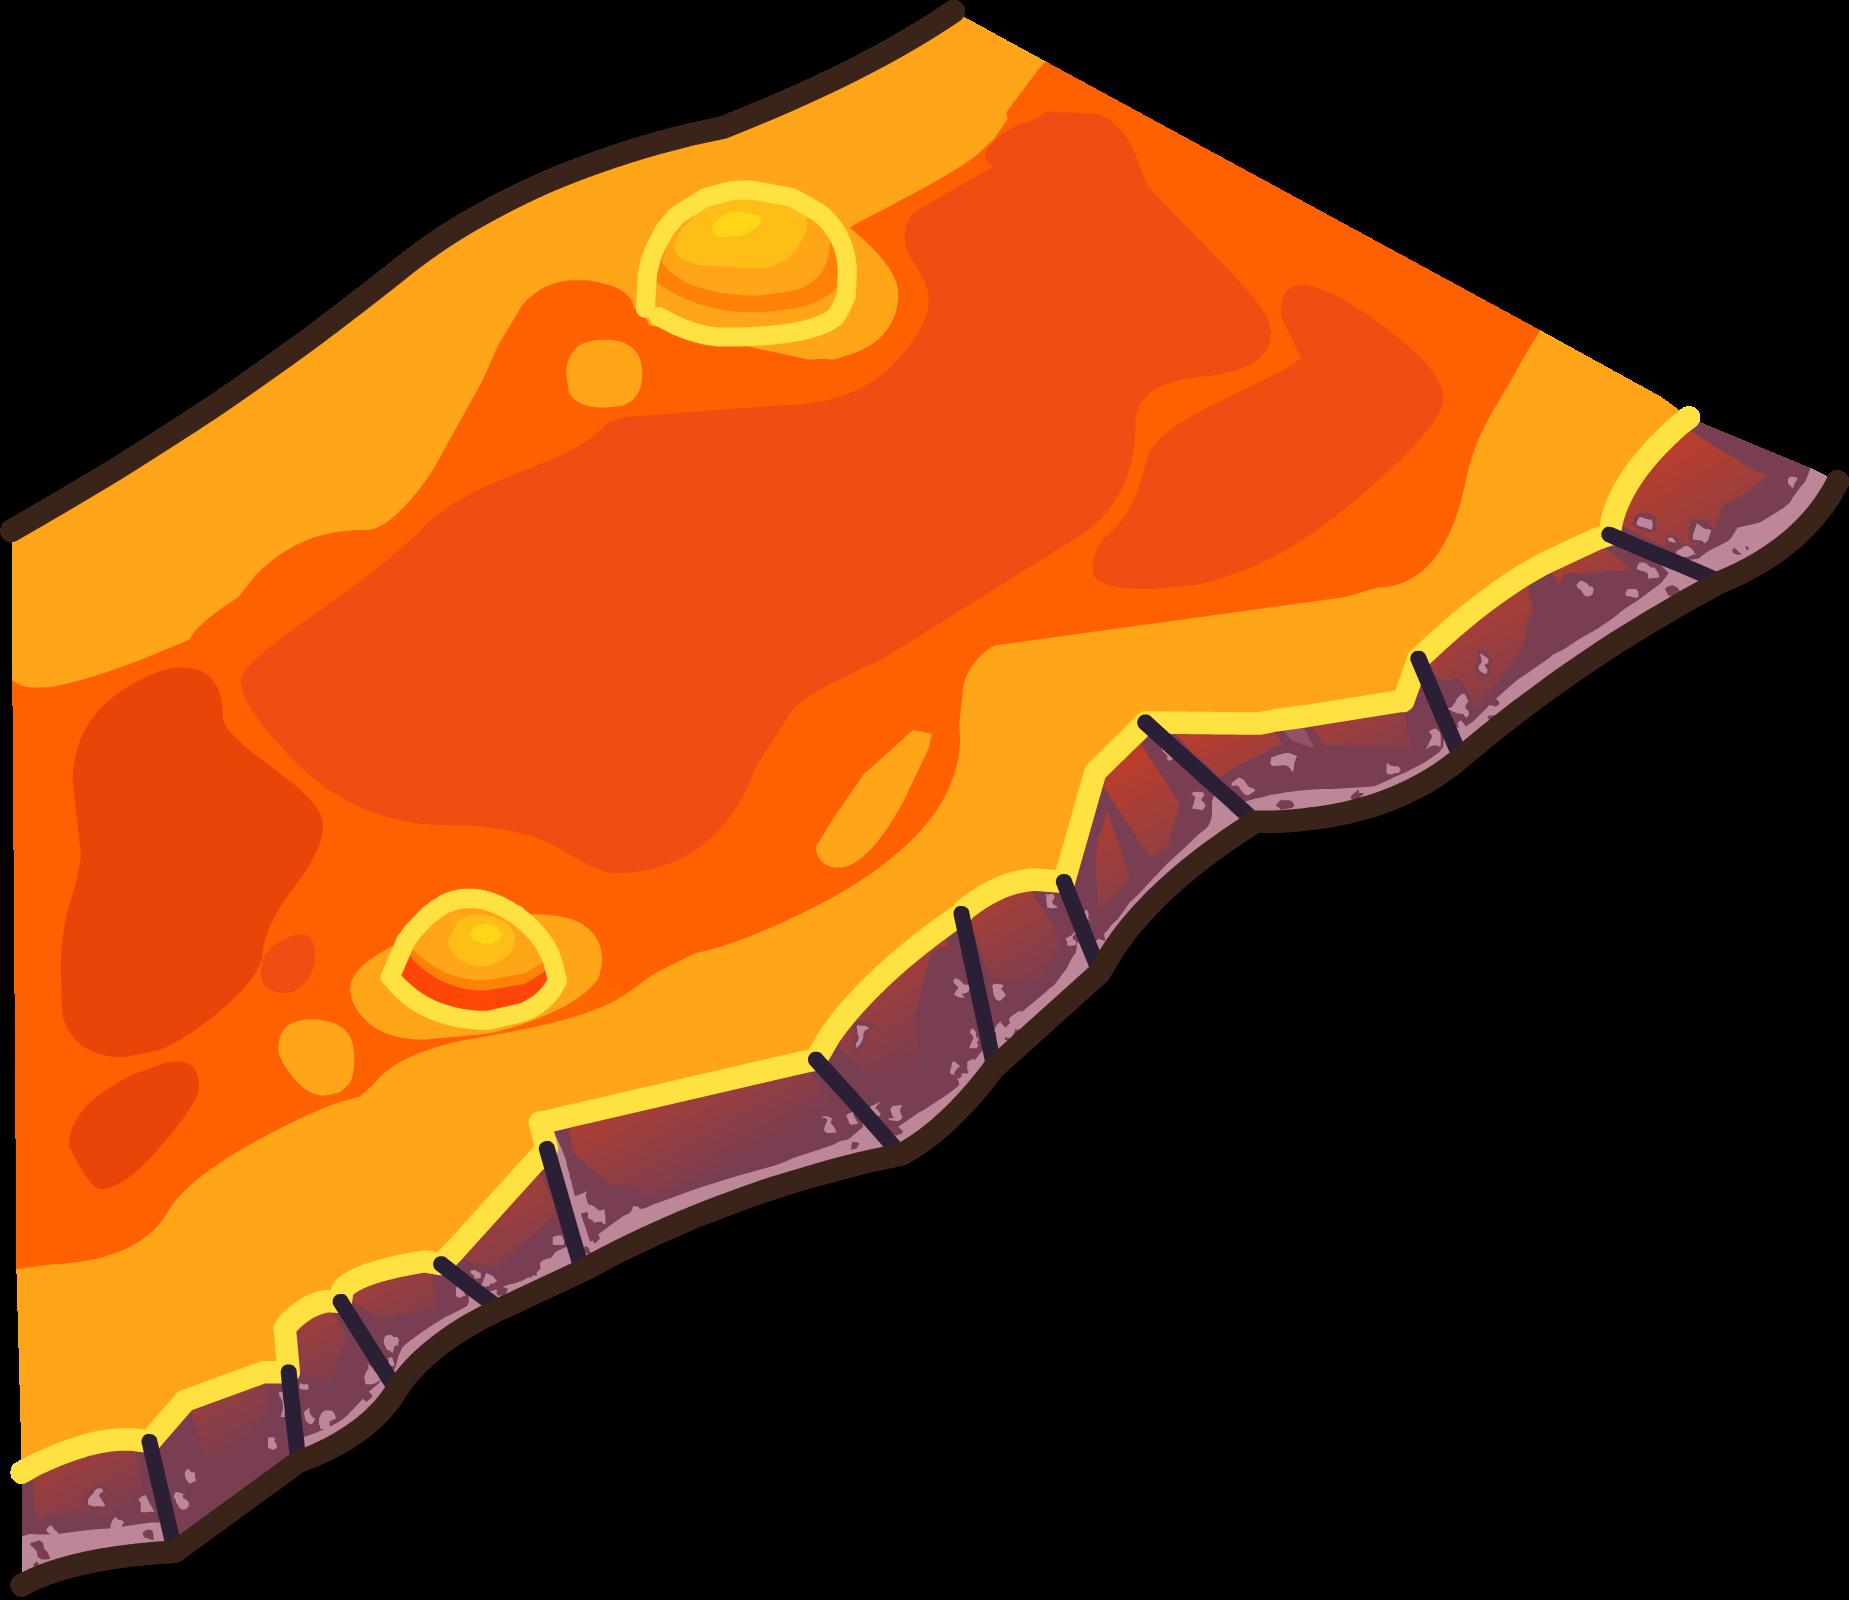 Image lava flow sprite. Clipart rock file